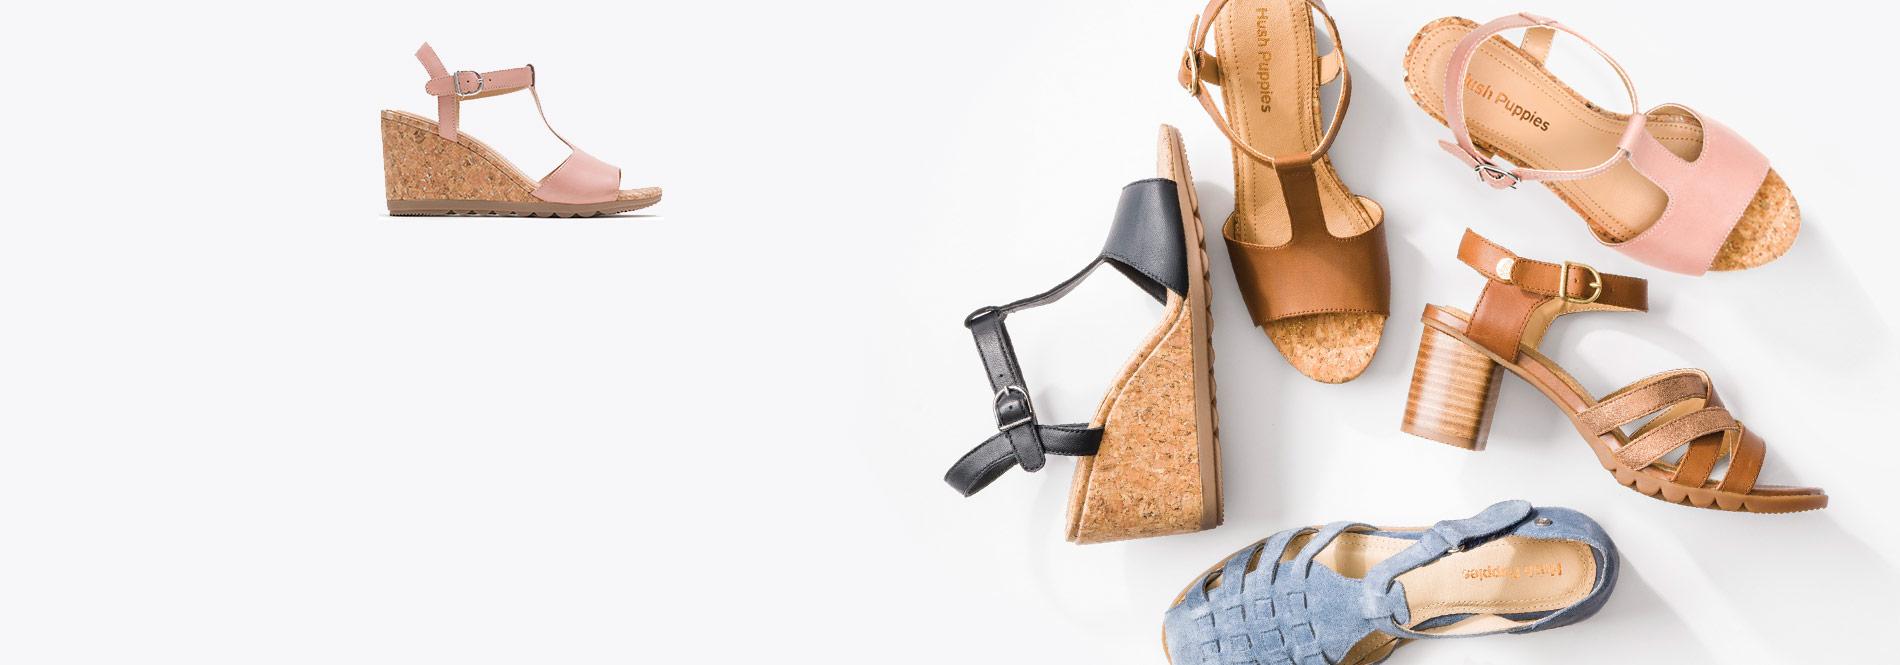 d77e9a15ca1120 Chaussures décontractées et confortables Hush Puppies